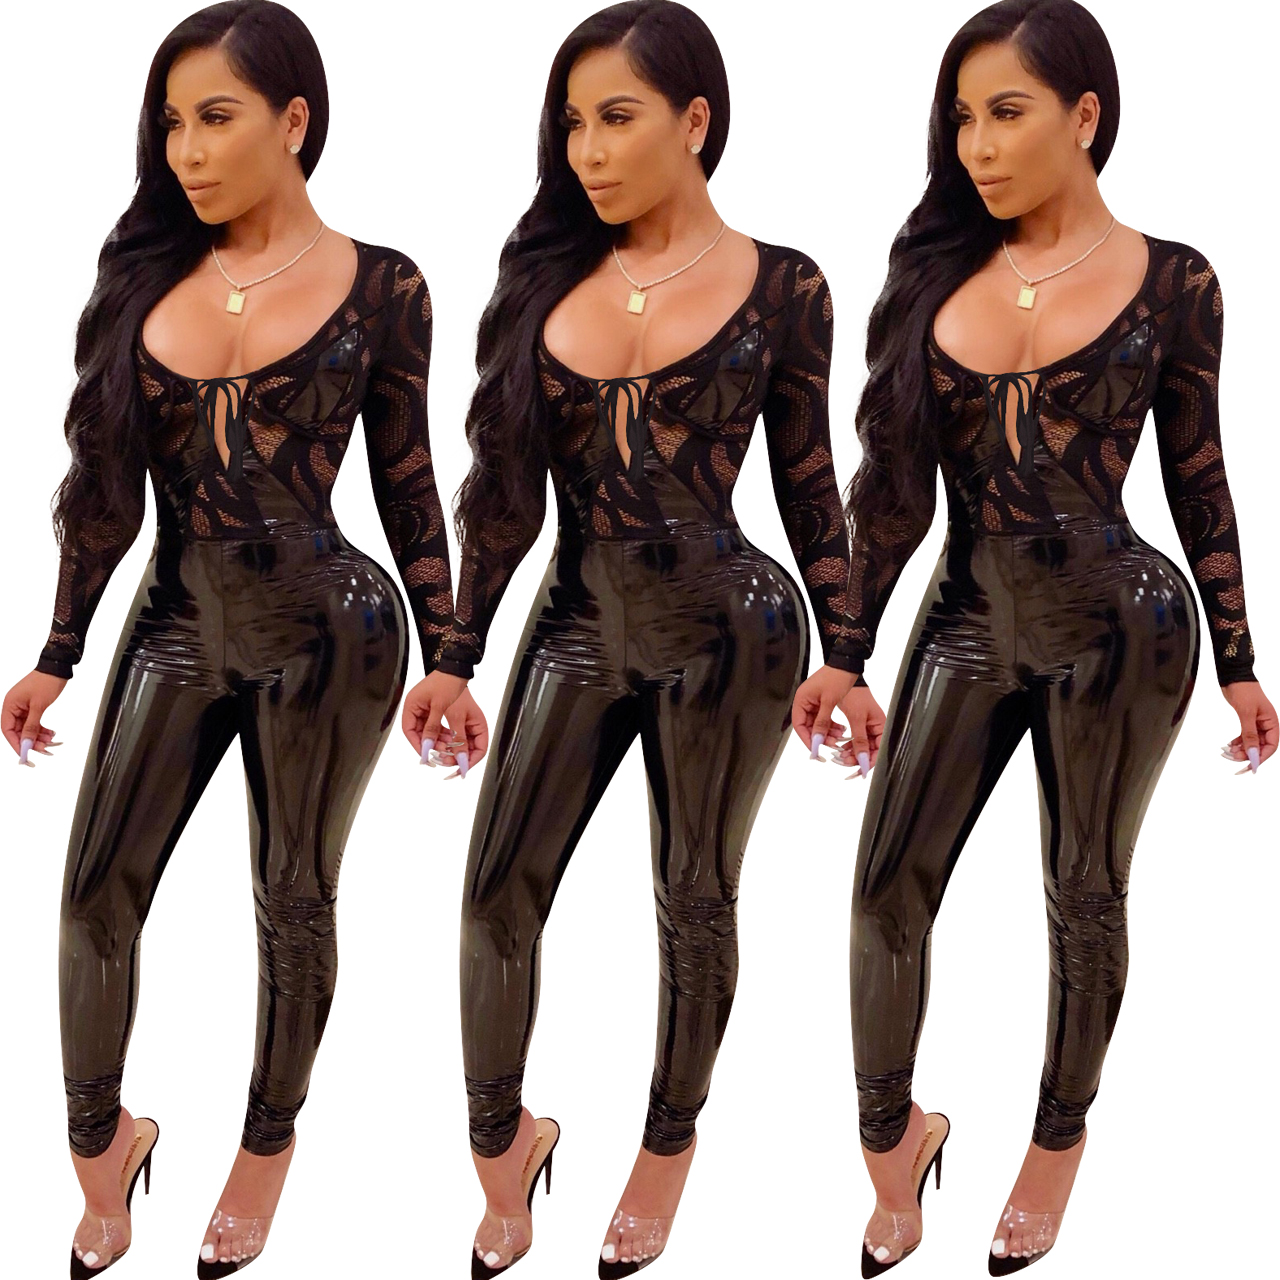 Cook Lace Best Buy por Pantalones mayor Venta al QCBoexrdW